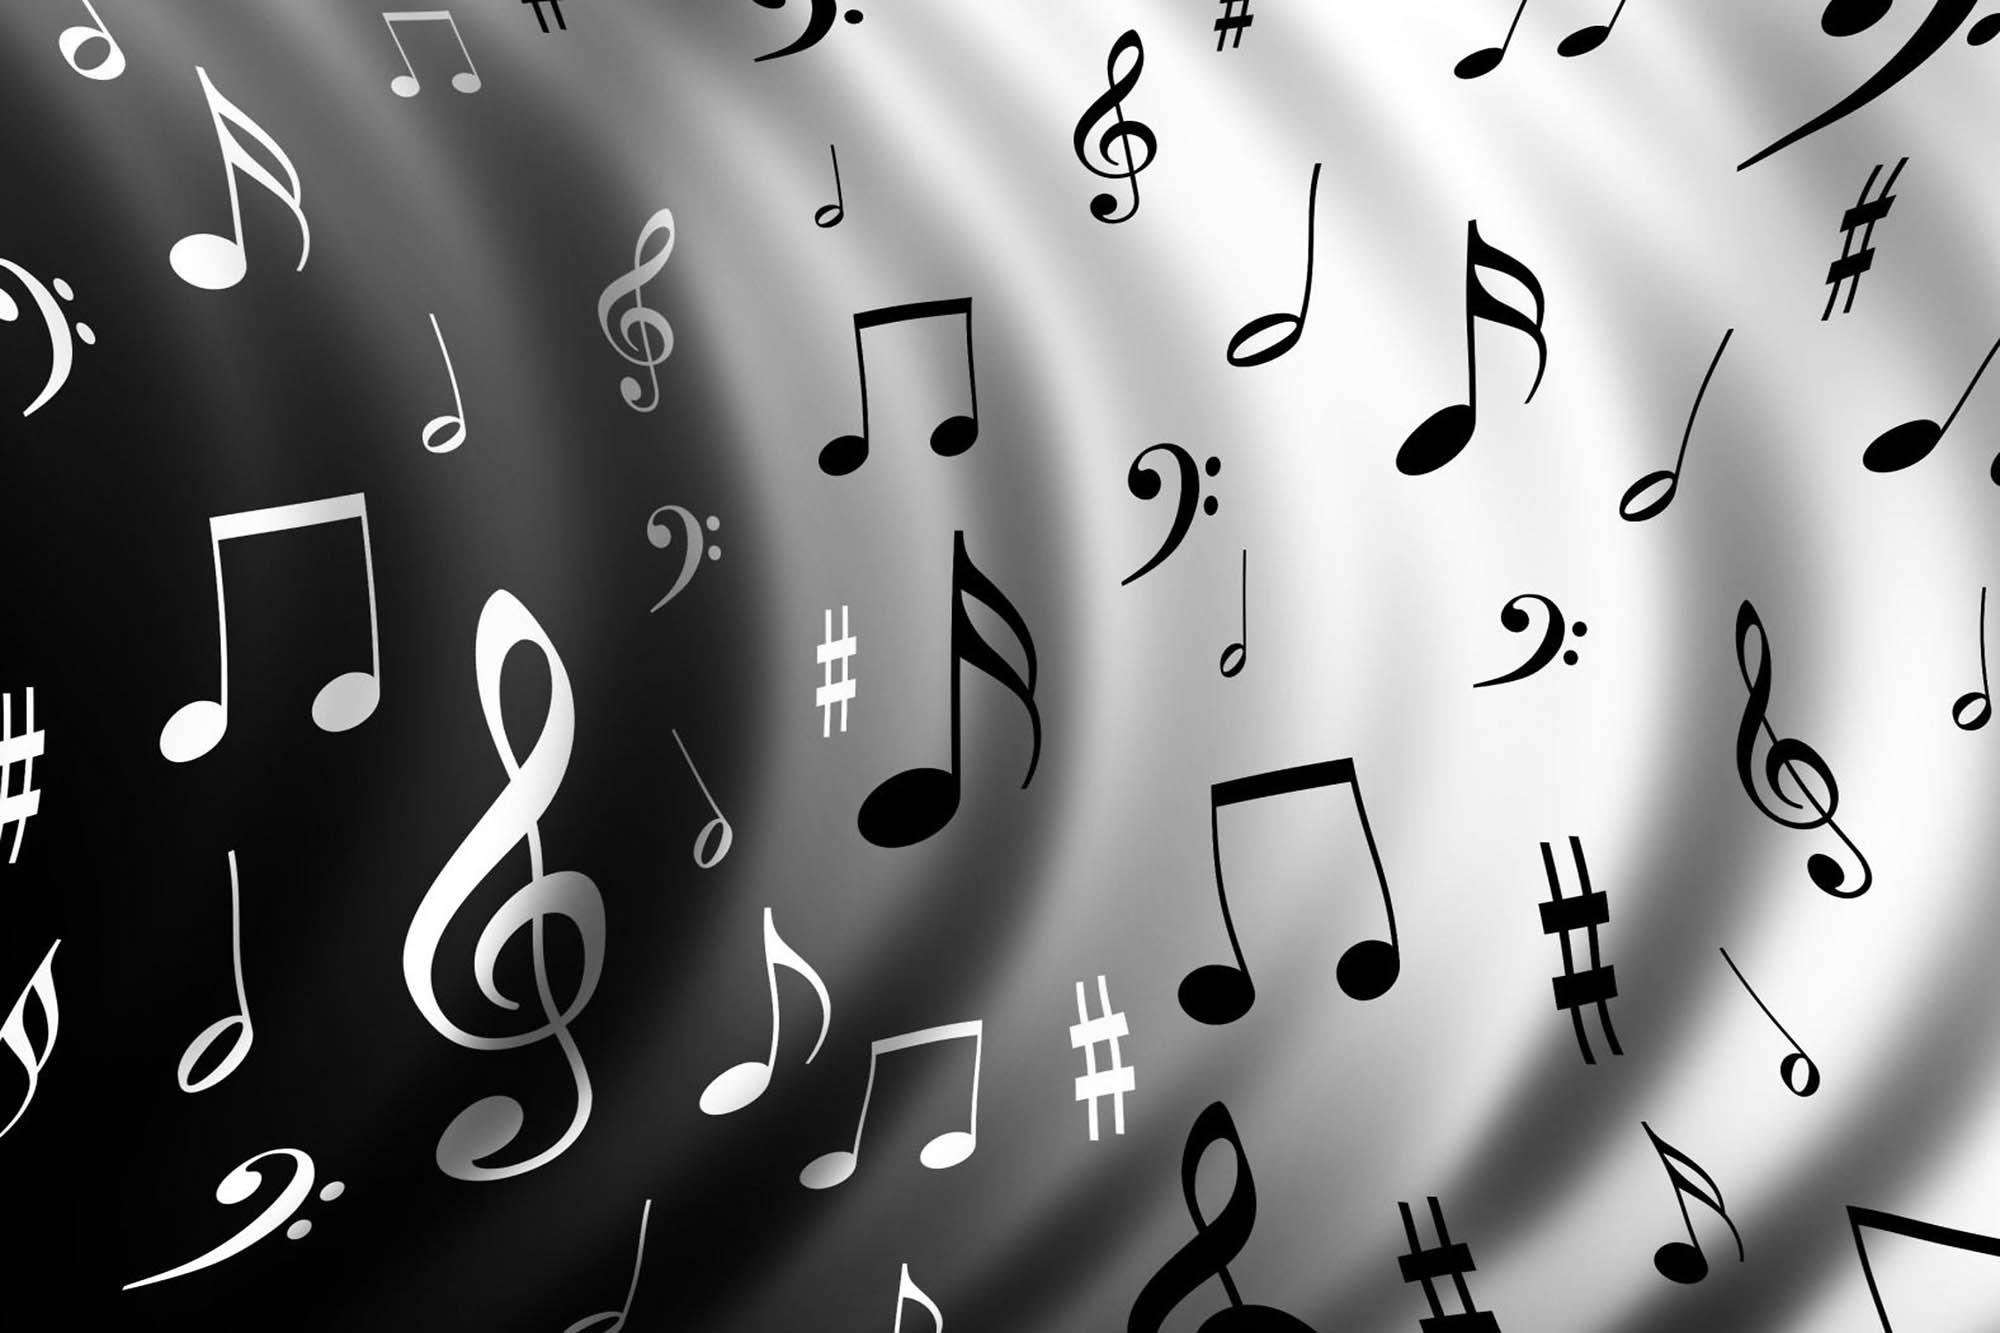 красивые мелодии для телефонов скачать бесплатно